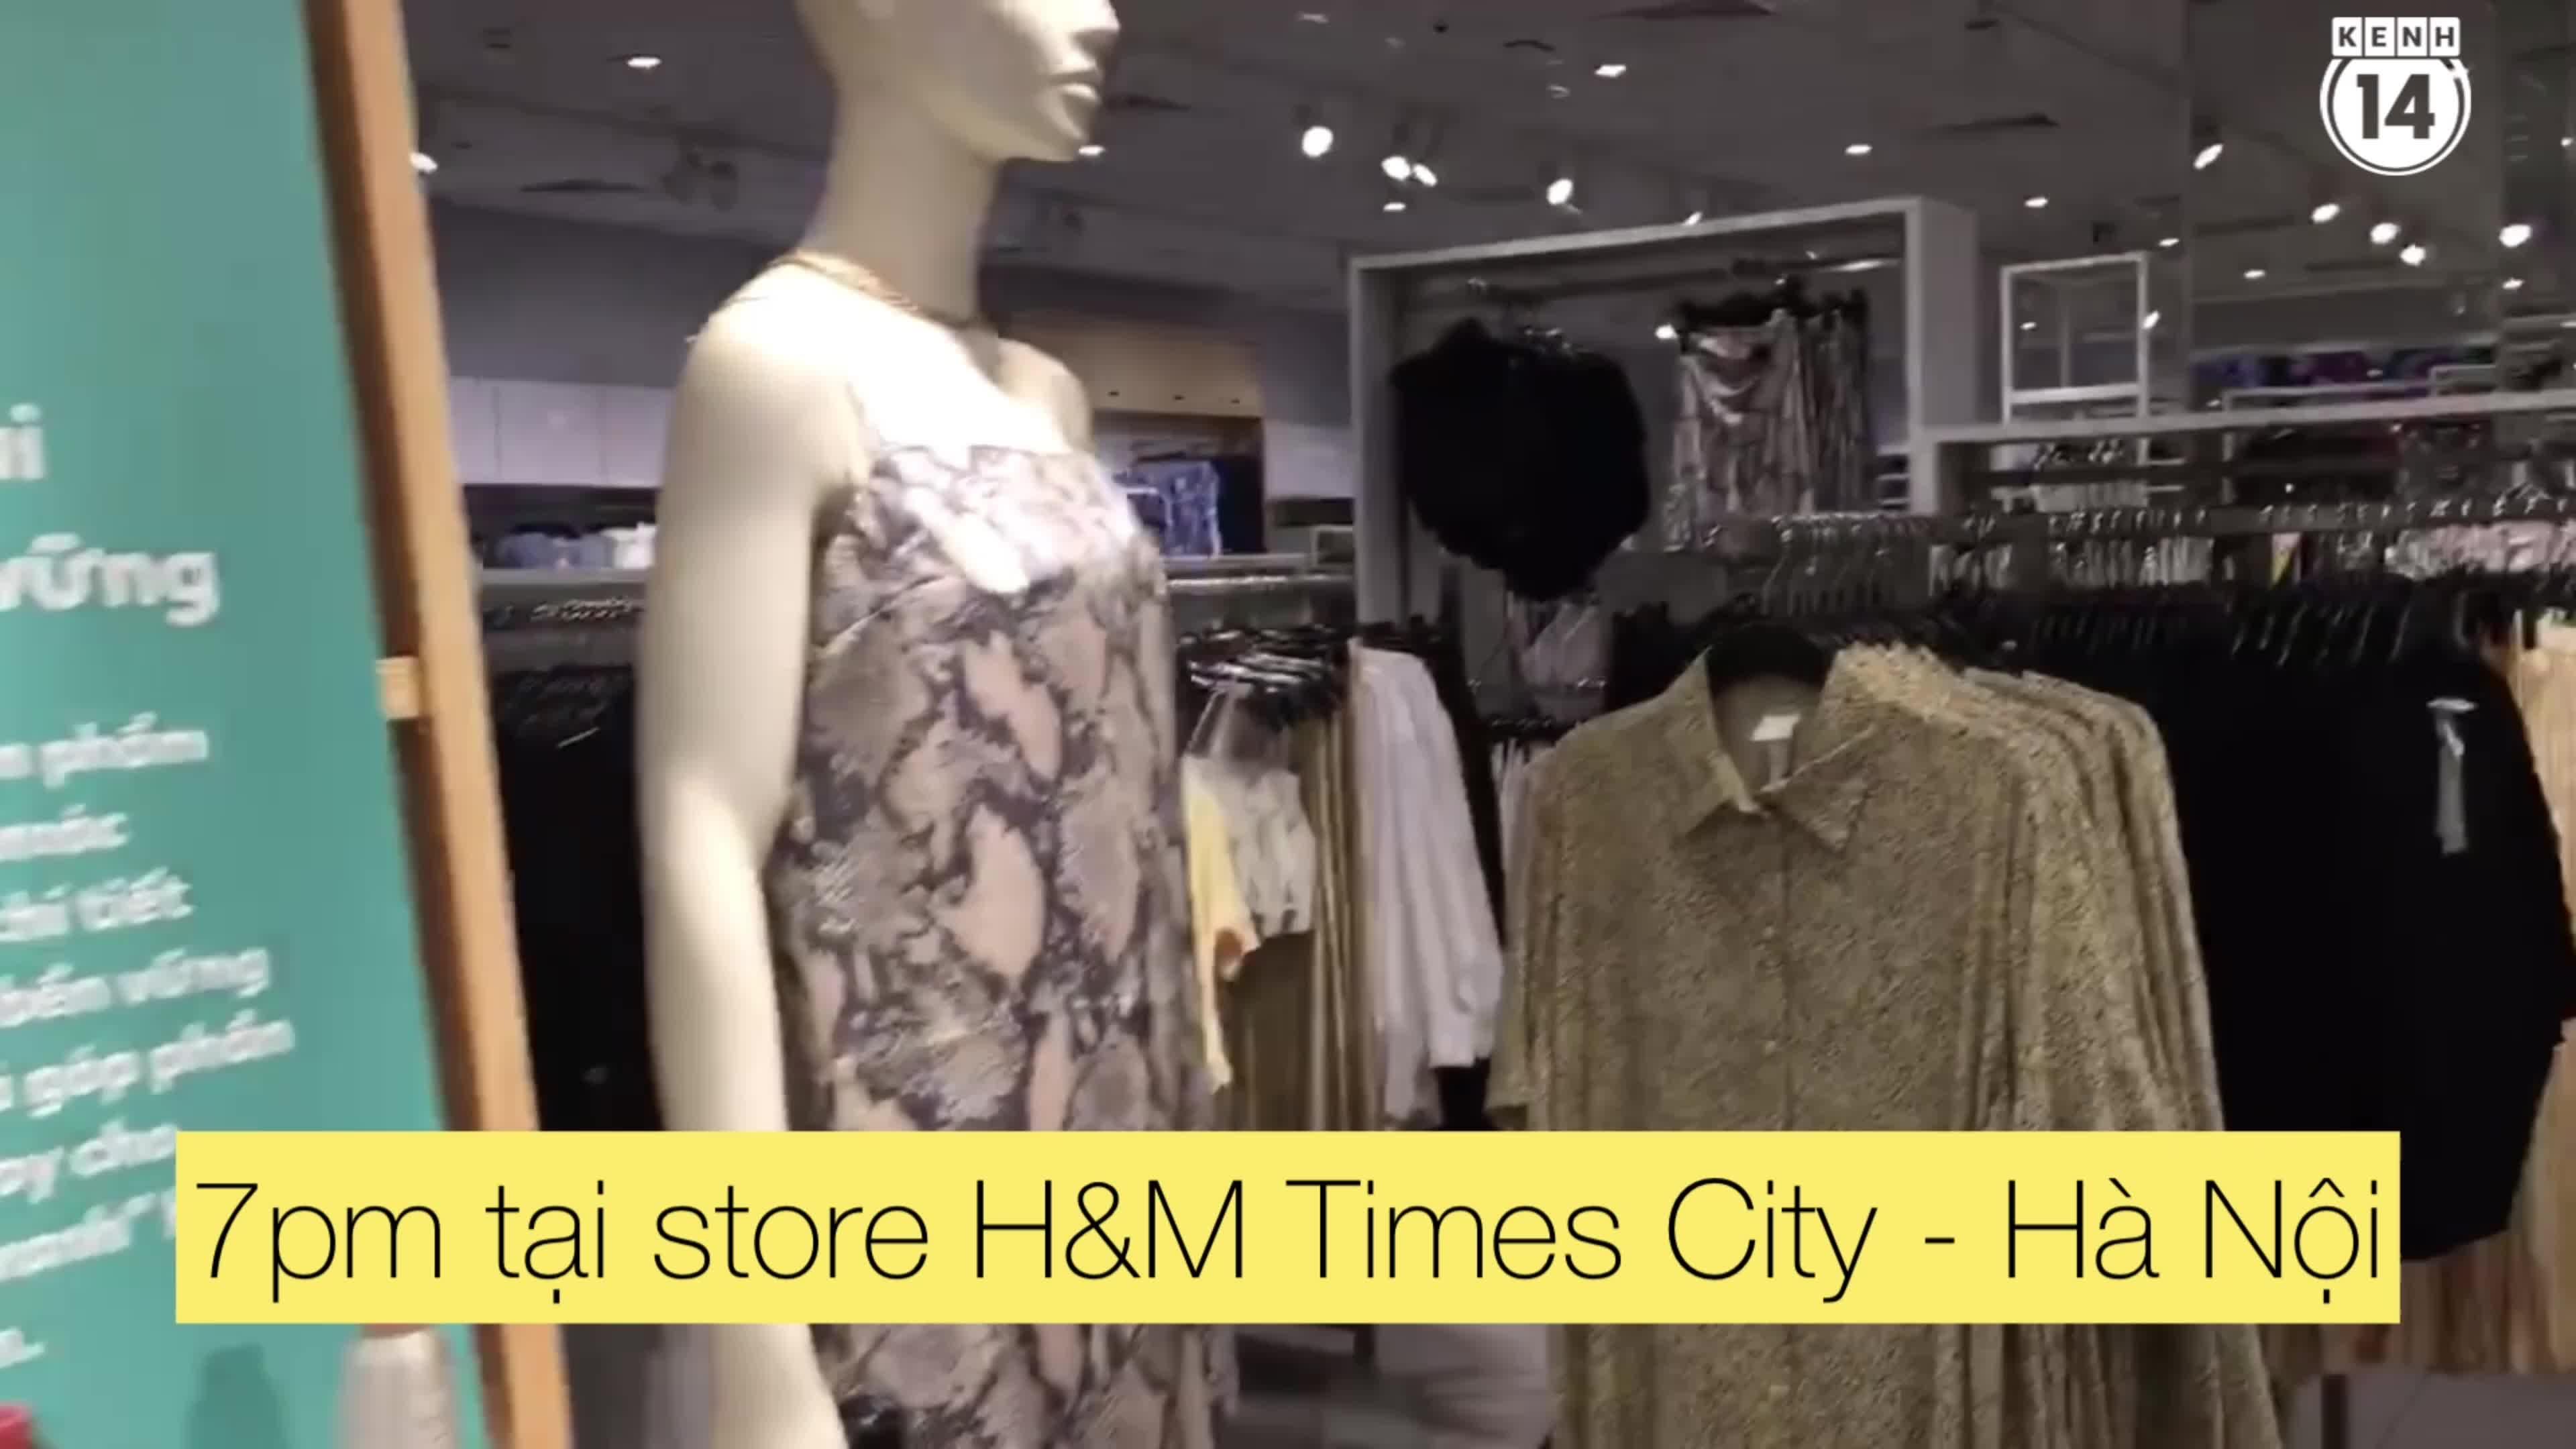 Các store của H&M tối nay: Nơi vắng vẻ ảm đạm, nơi đông đúc tấp nập